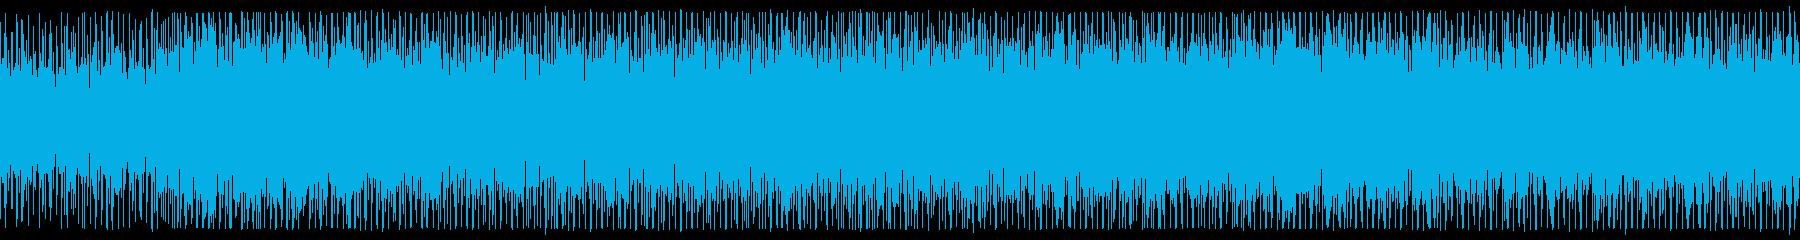 ダイナミックな和楽器テクノロックの再生済みの波形